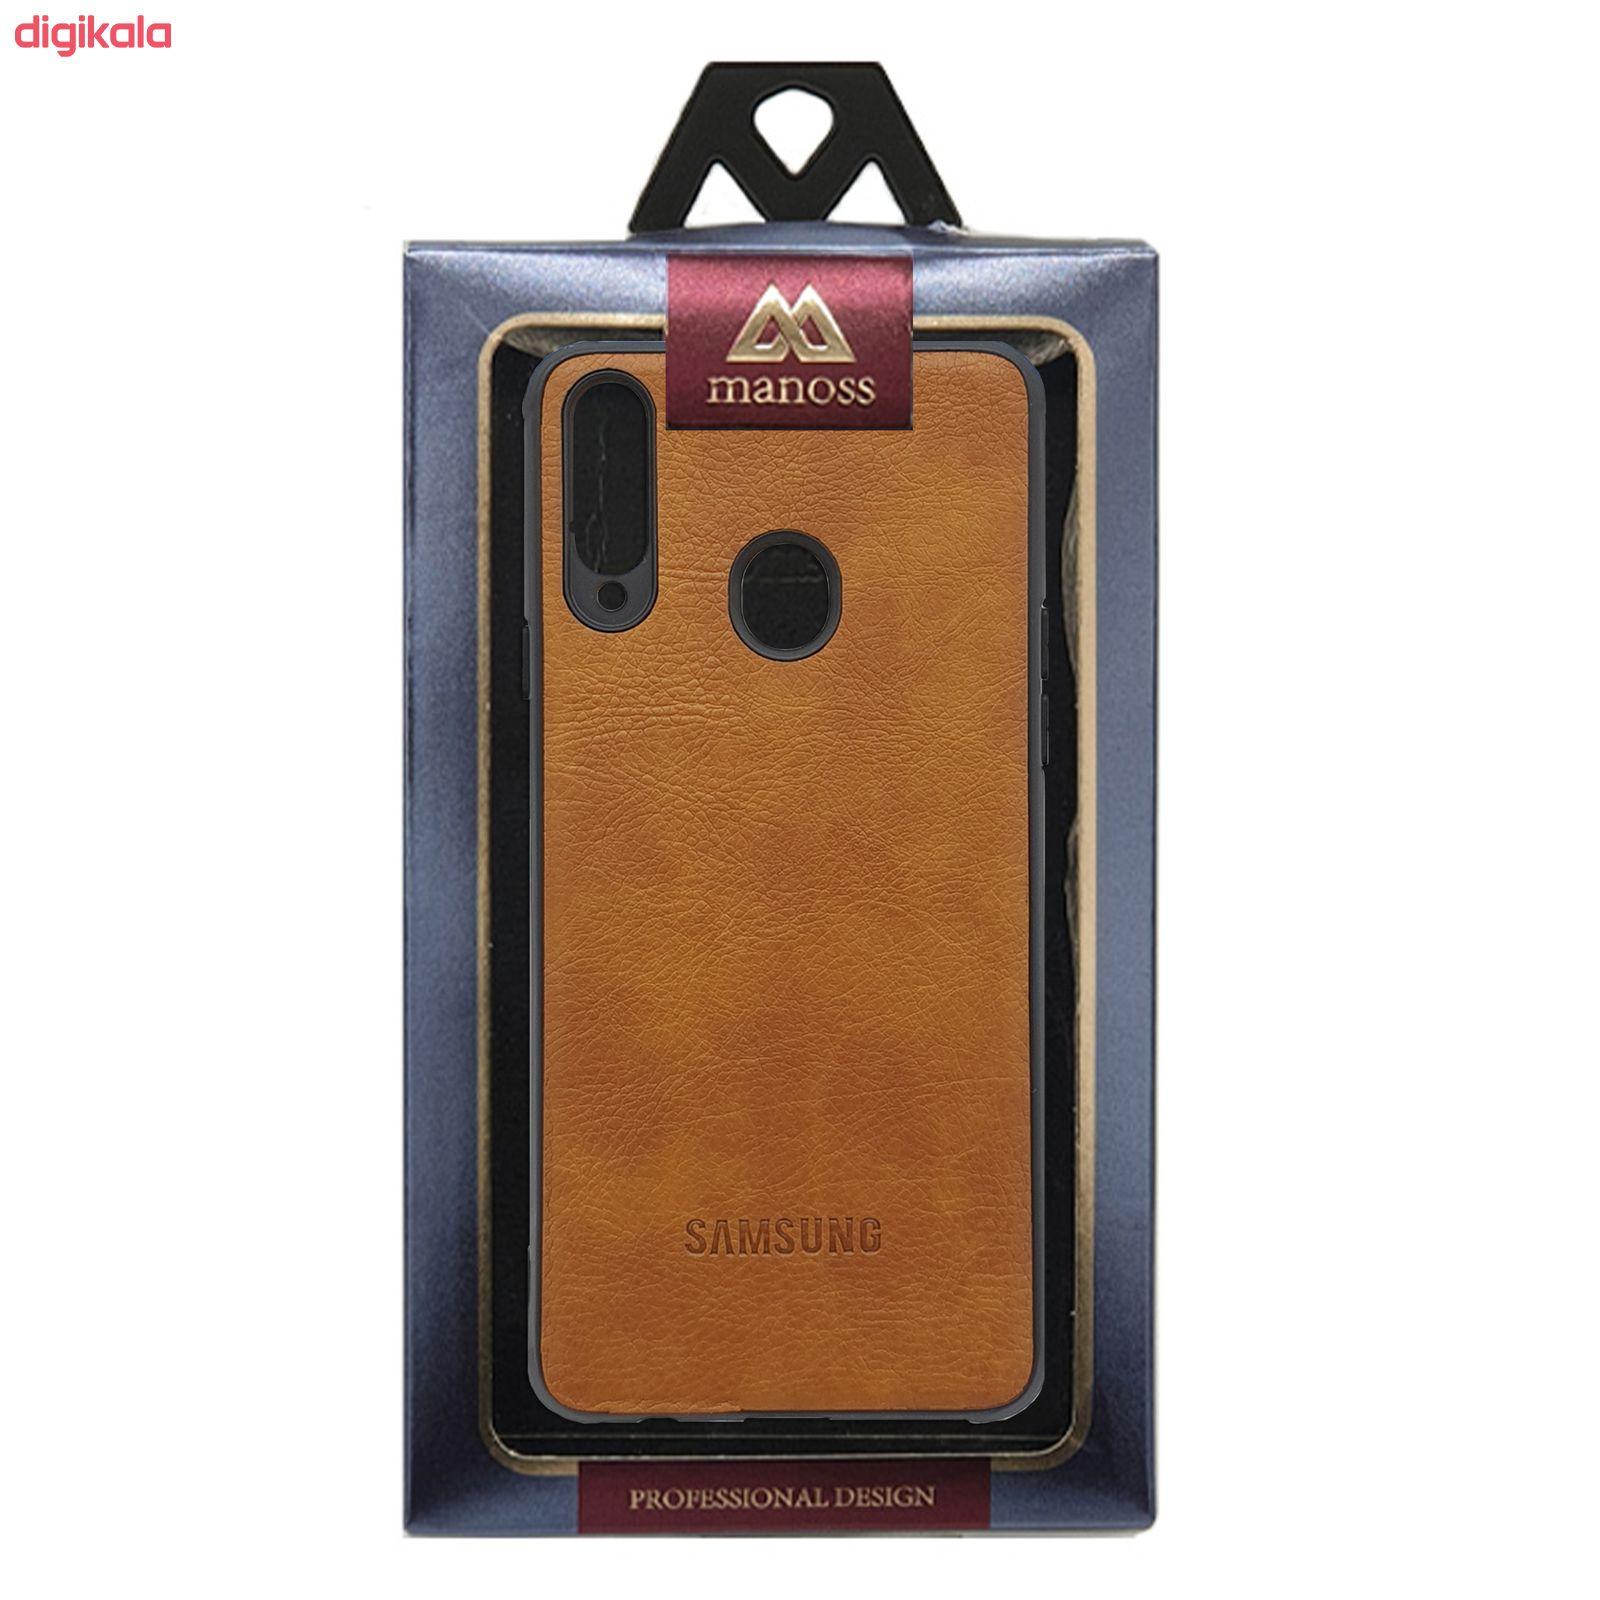 کاور مانوس مدل SA-L2 مناسب برای گوشی موبایل سامسونگ Galaxy A20s main 1 2